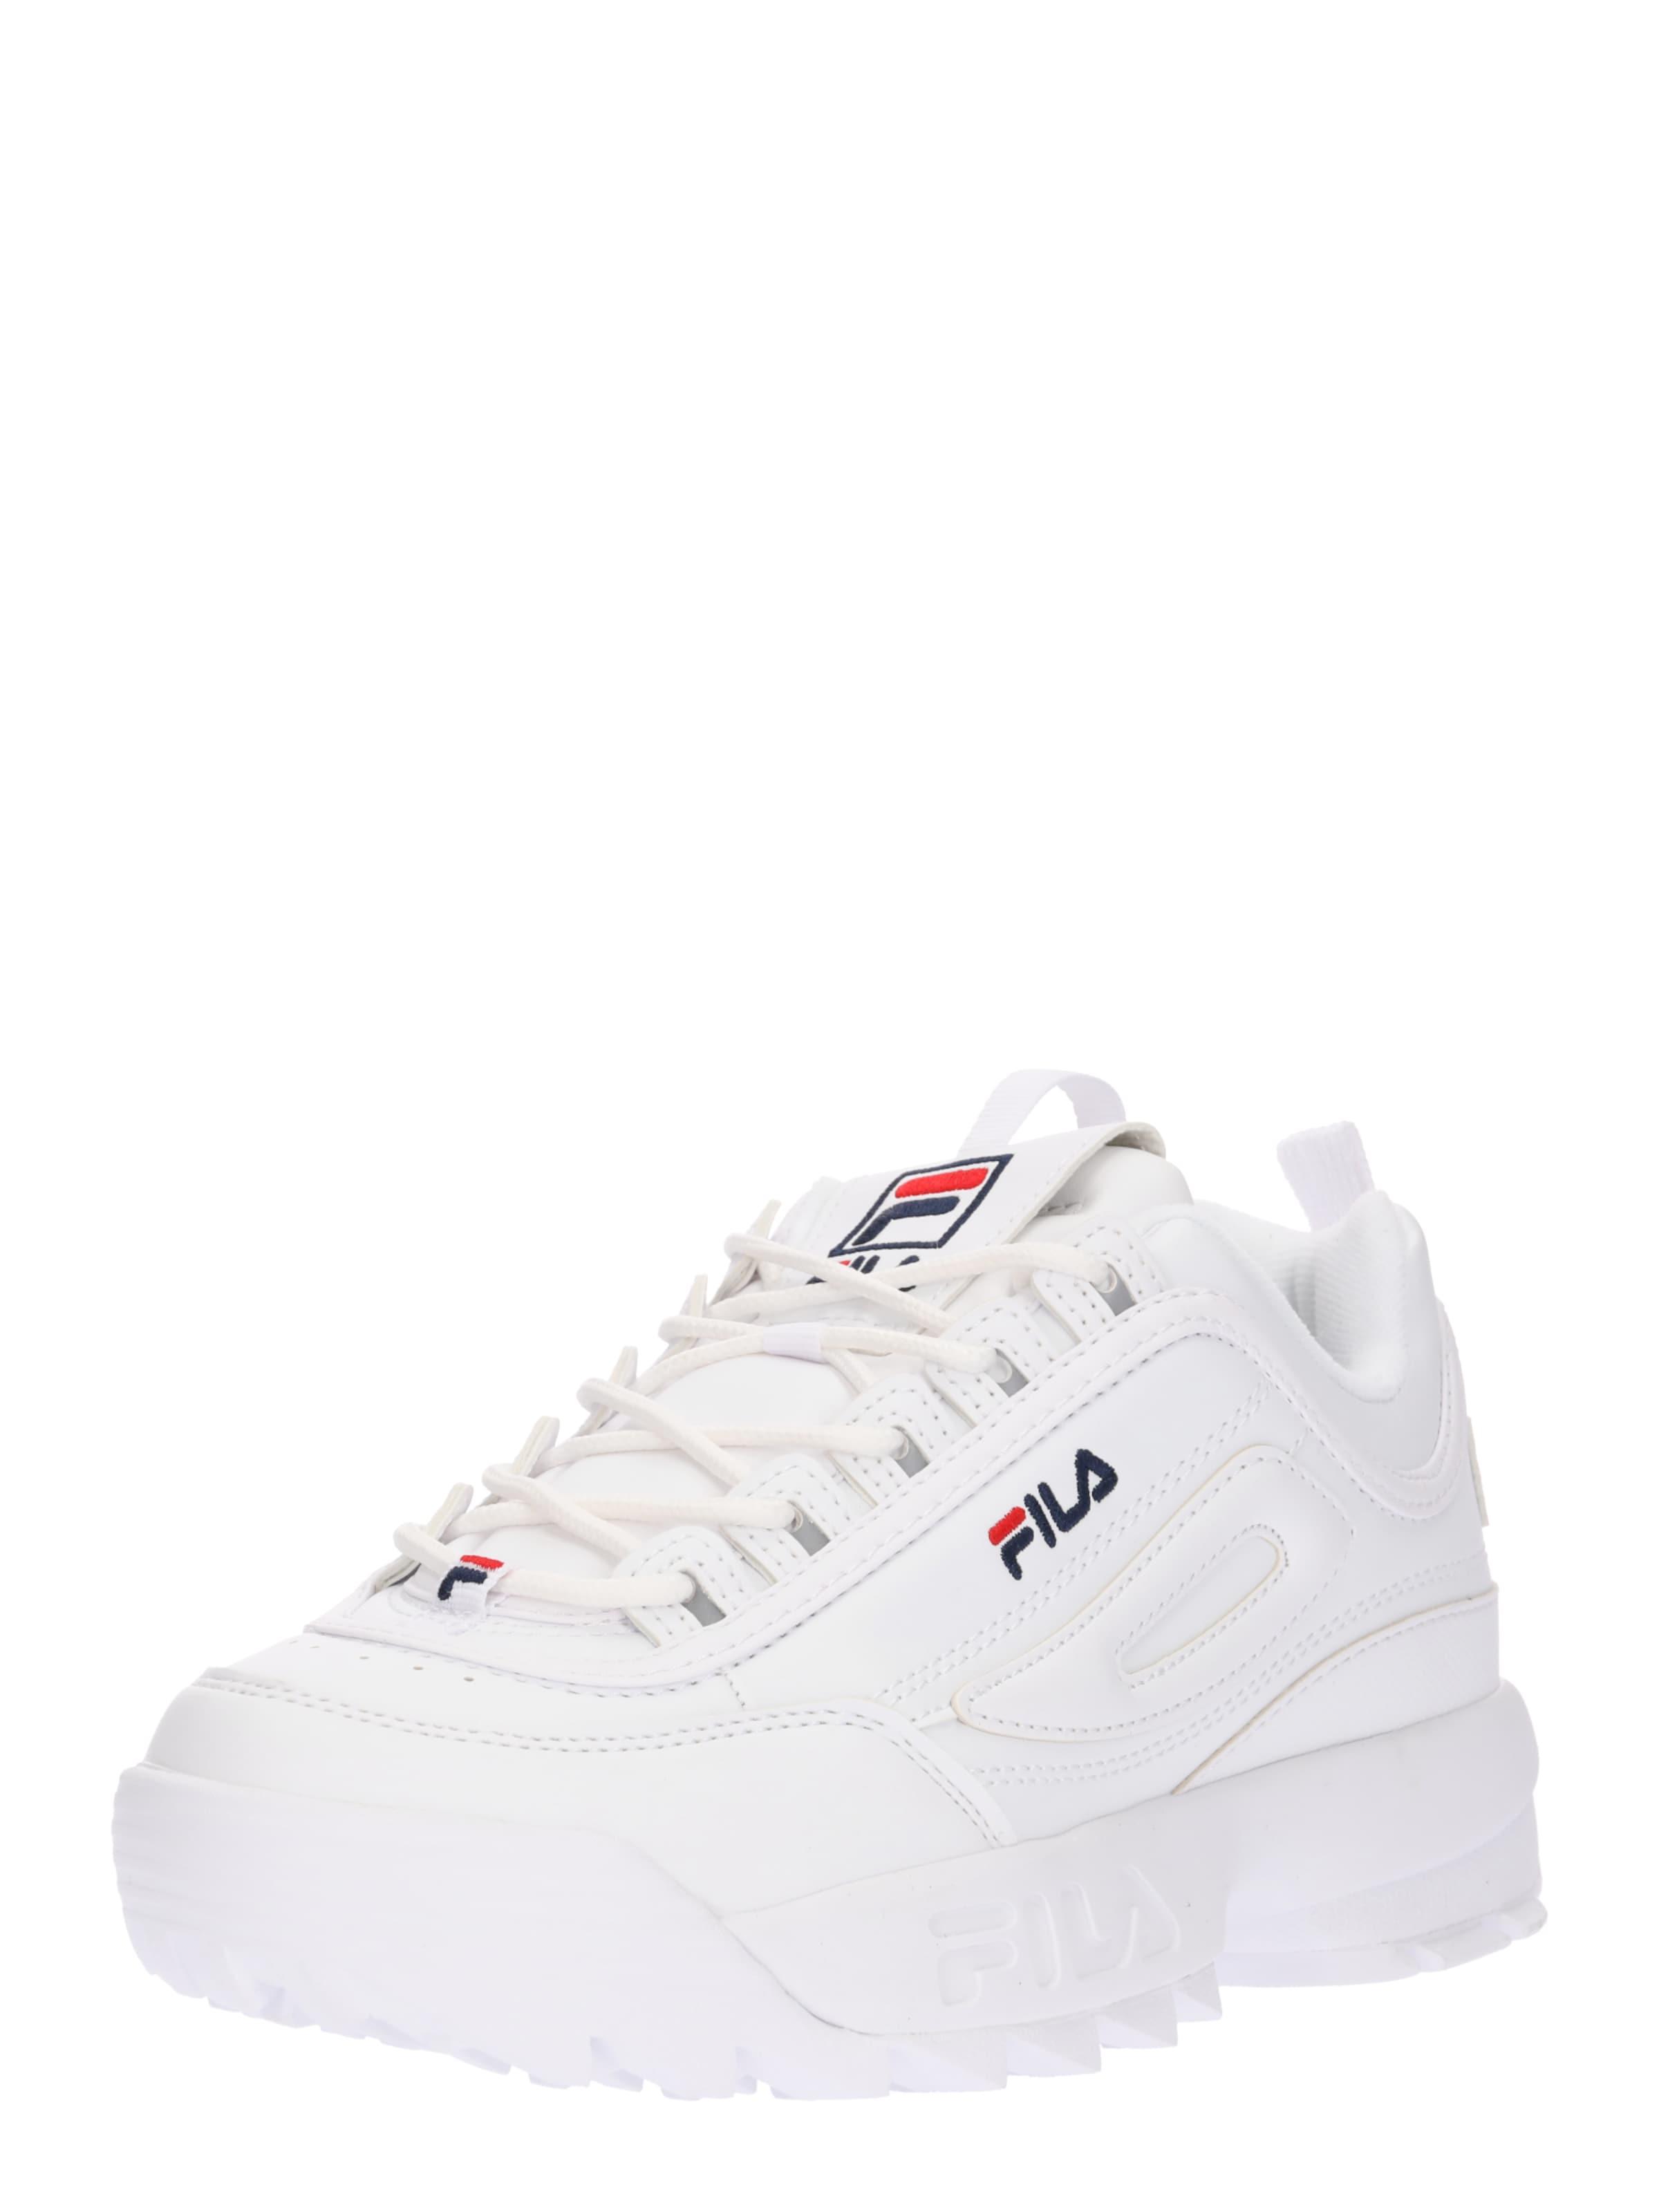 Schwarz In Fila Sneaker 'disruptor' Fila Sneaker Sneaker In 'disruptor' Fila 'disruptor' Schwarz O8kXn0wP